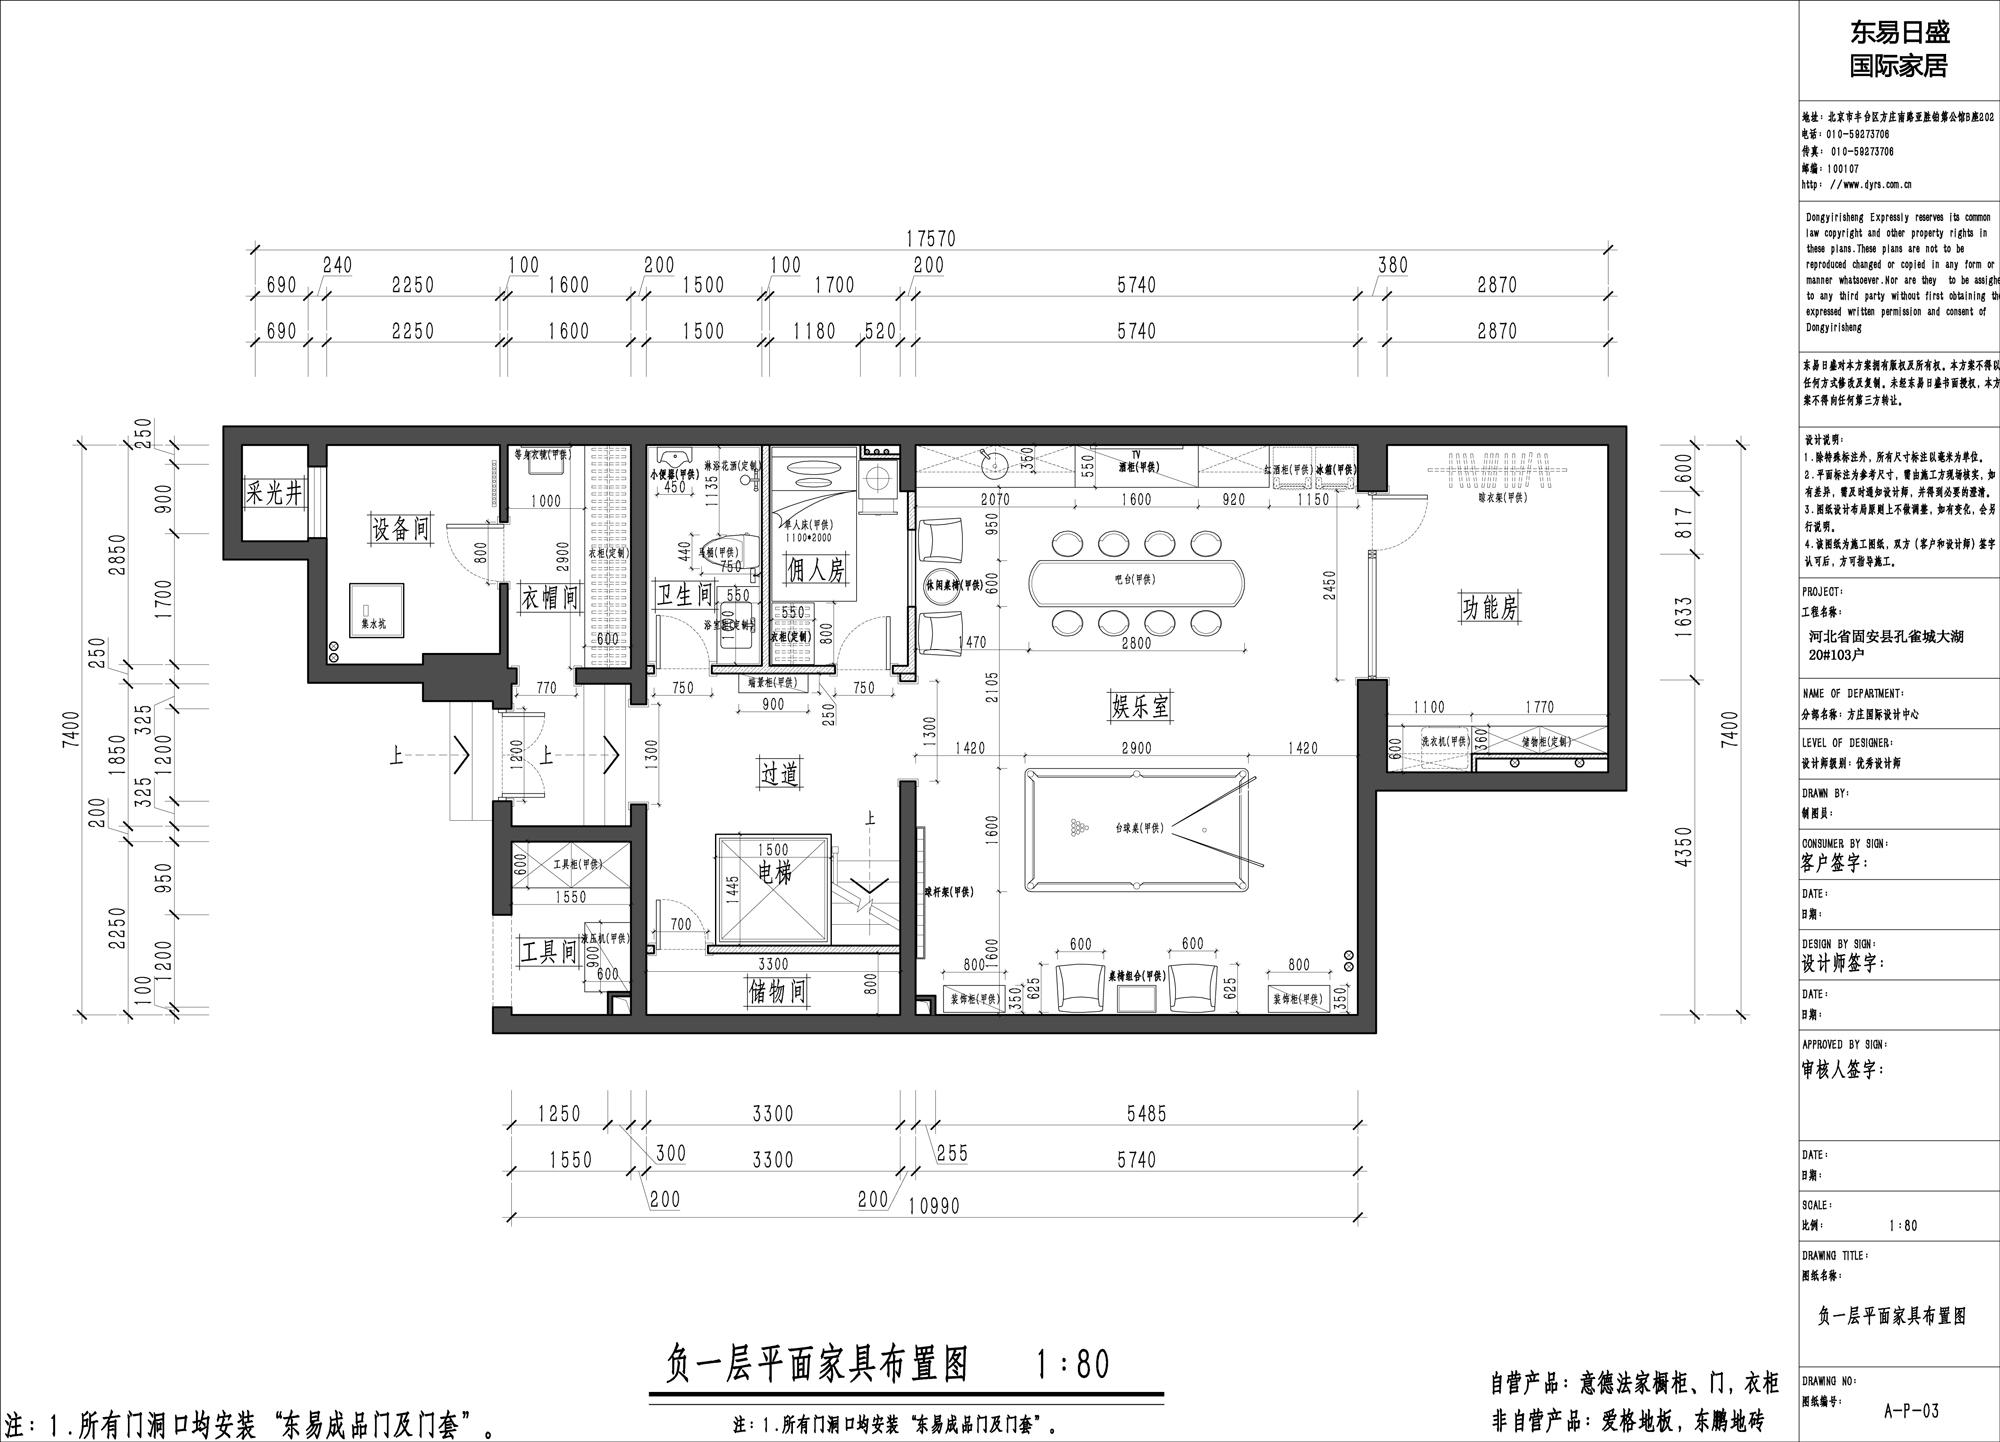 孔雀城-大湖-雅致主义-360平米装修设计理念